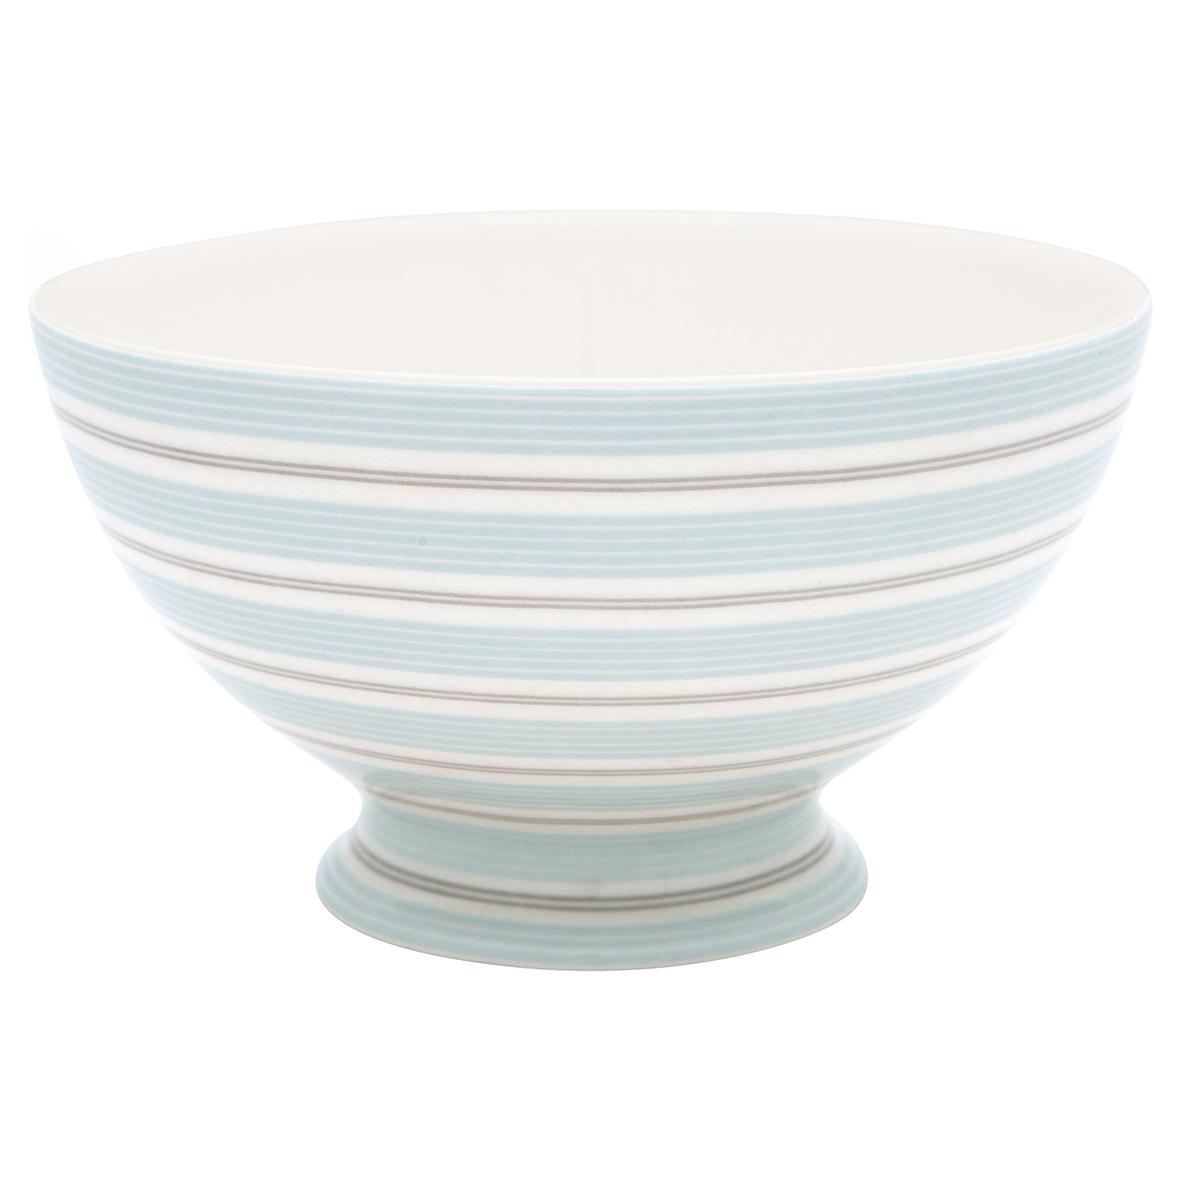 Greengate Schale Tova Blau Weiss Streifen Porzellan Geschirr Suppenschale 500 Ml Kaufen Bei Wohnhaus Welten